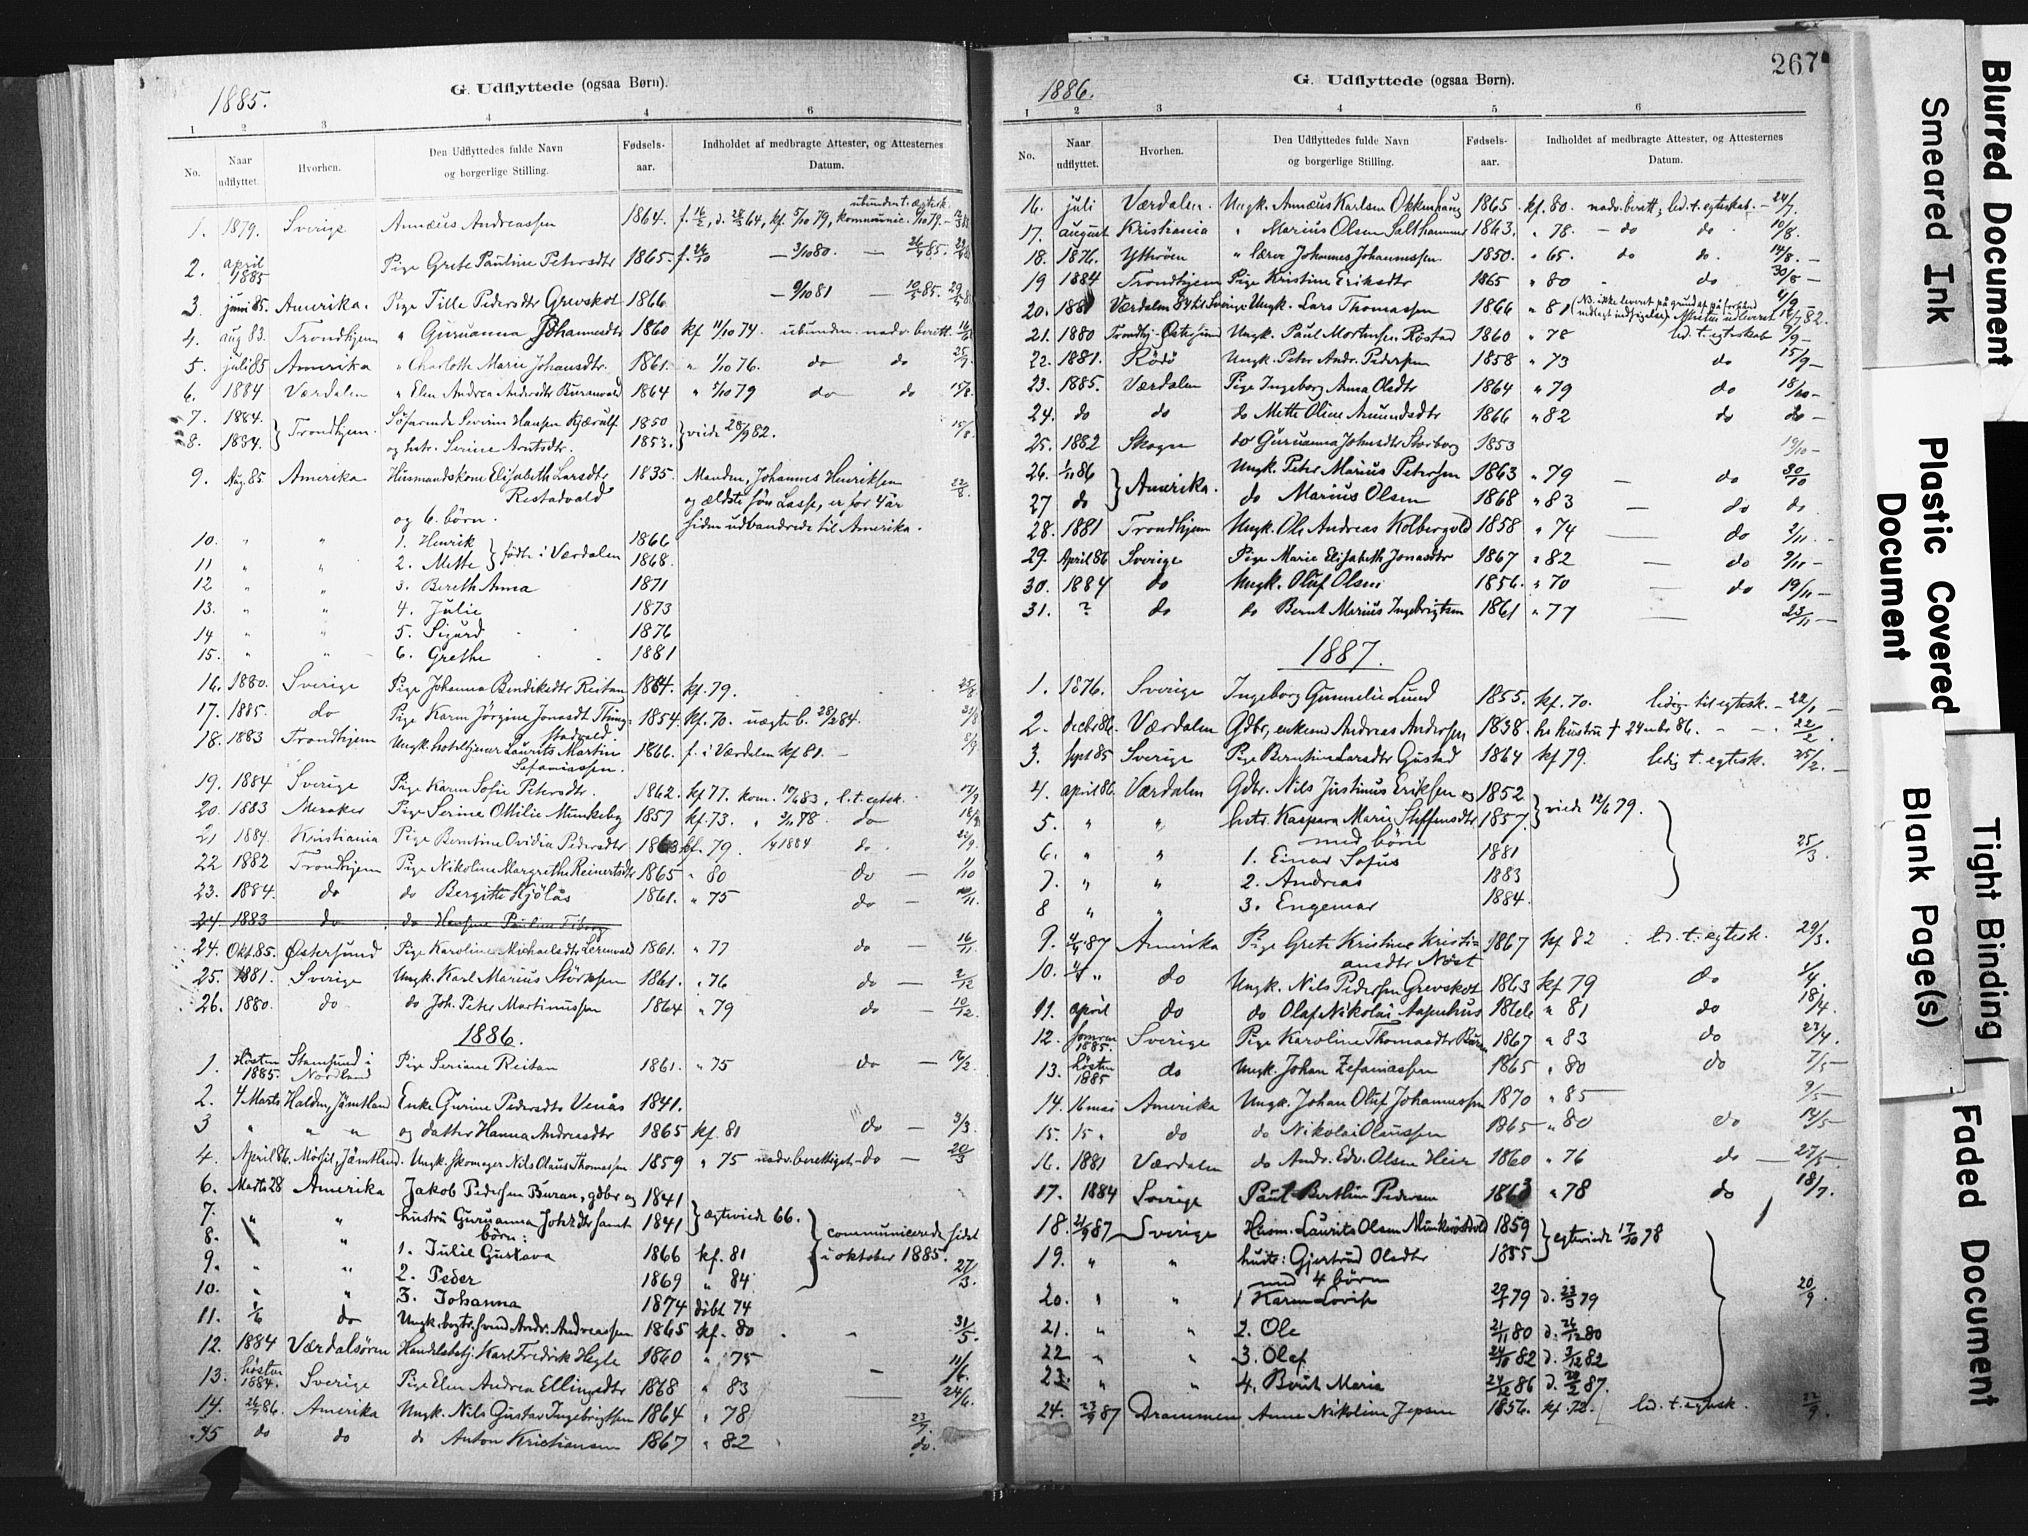 SAT, Ministerialprotokoller, klokkerbøker og fødselsregistre - Nord-Trøndelag, 721/L0207: Ministerialbok nr. 721A02, 1880-1911, s. 267